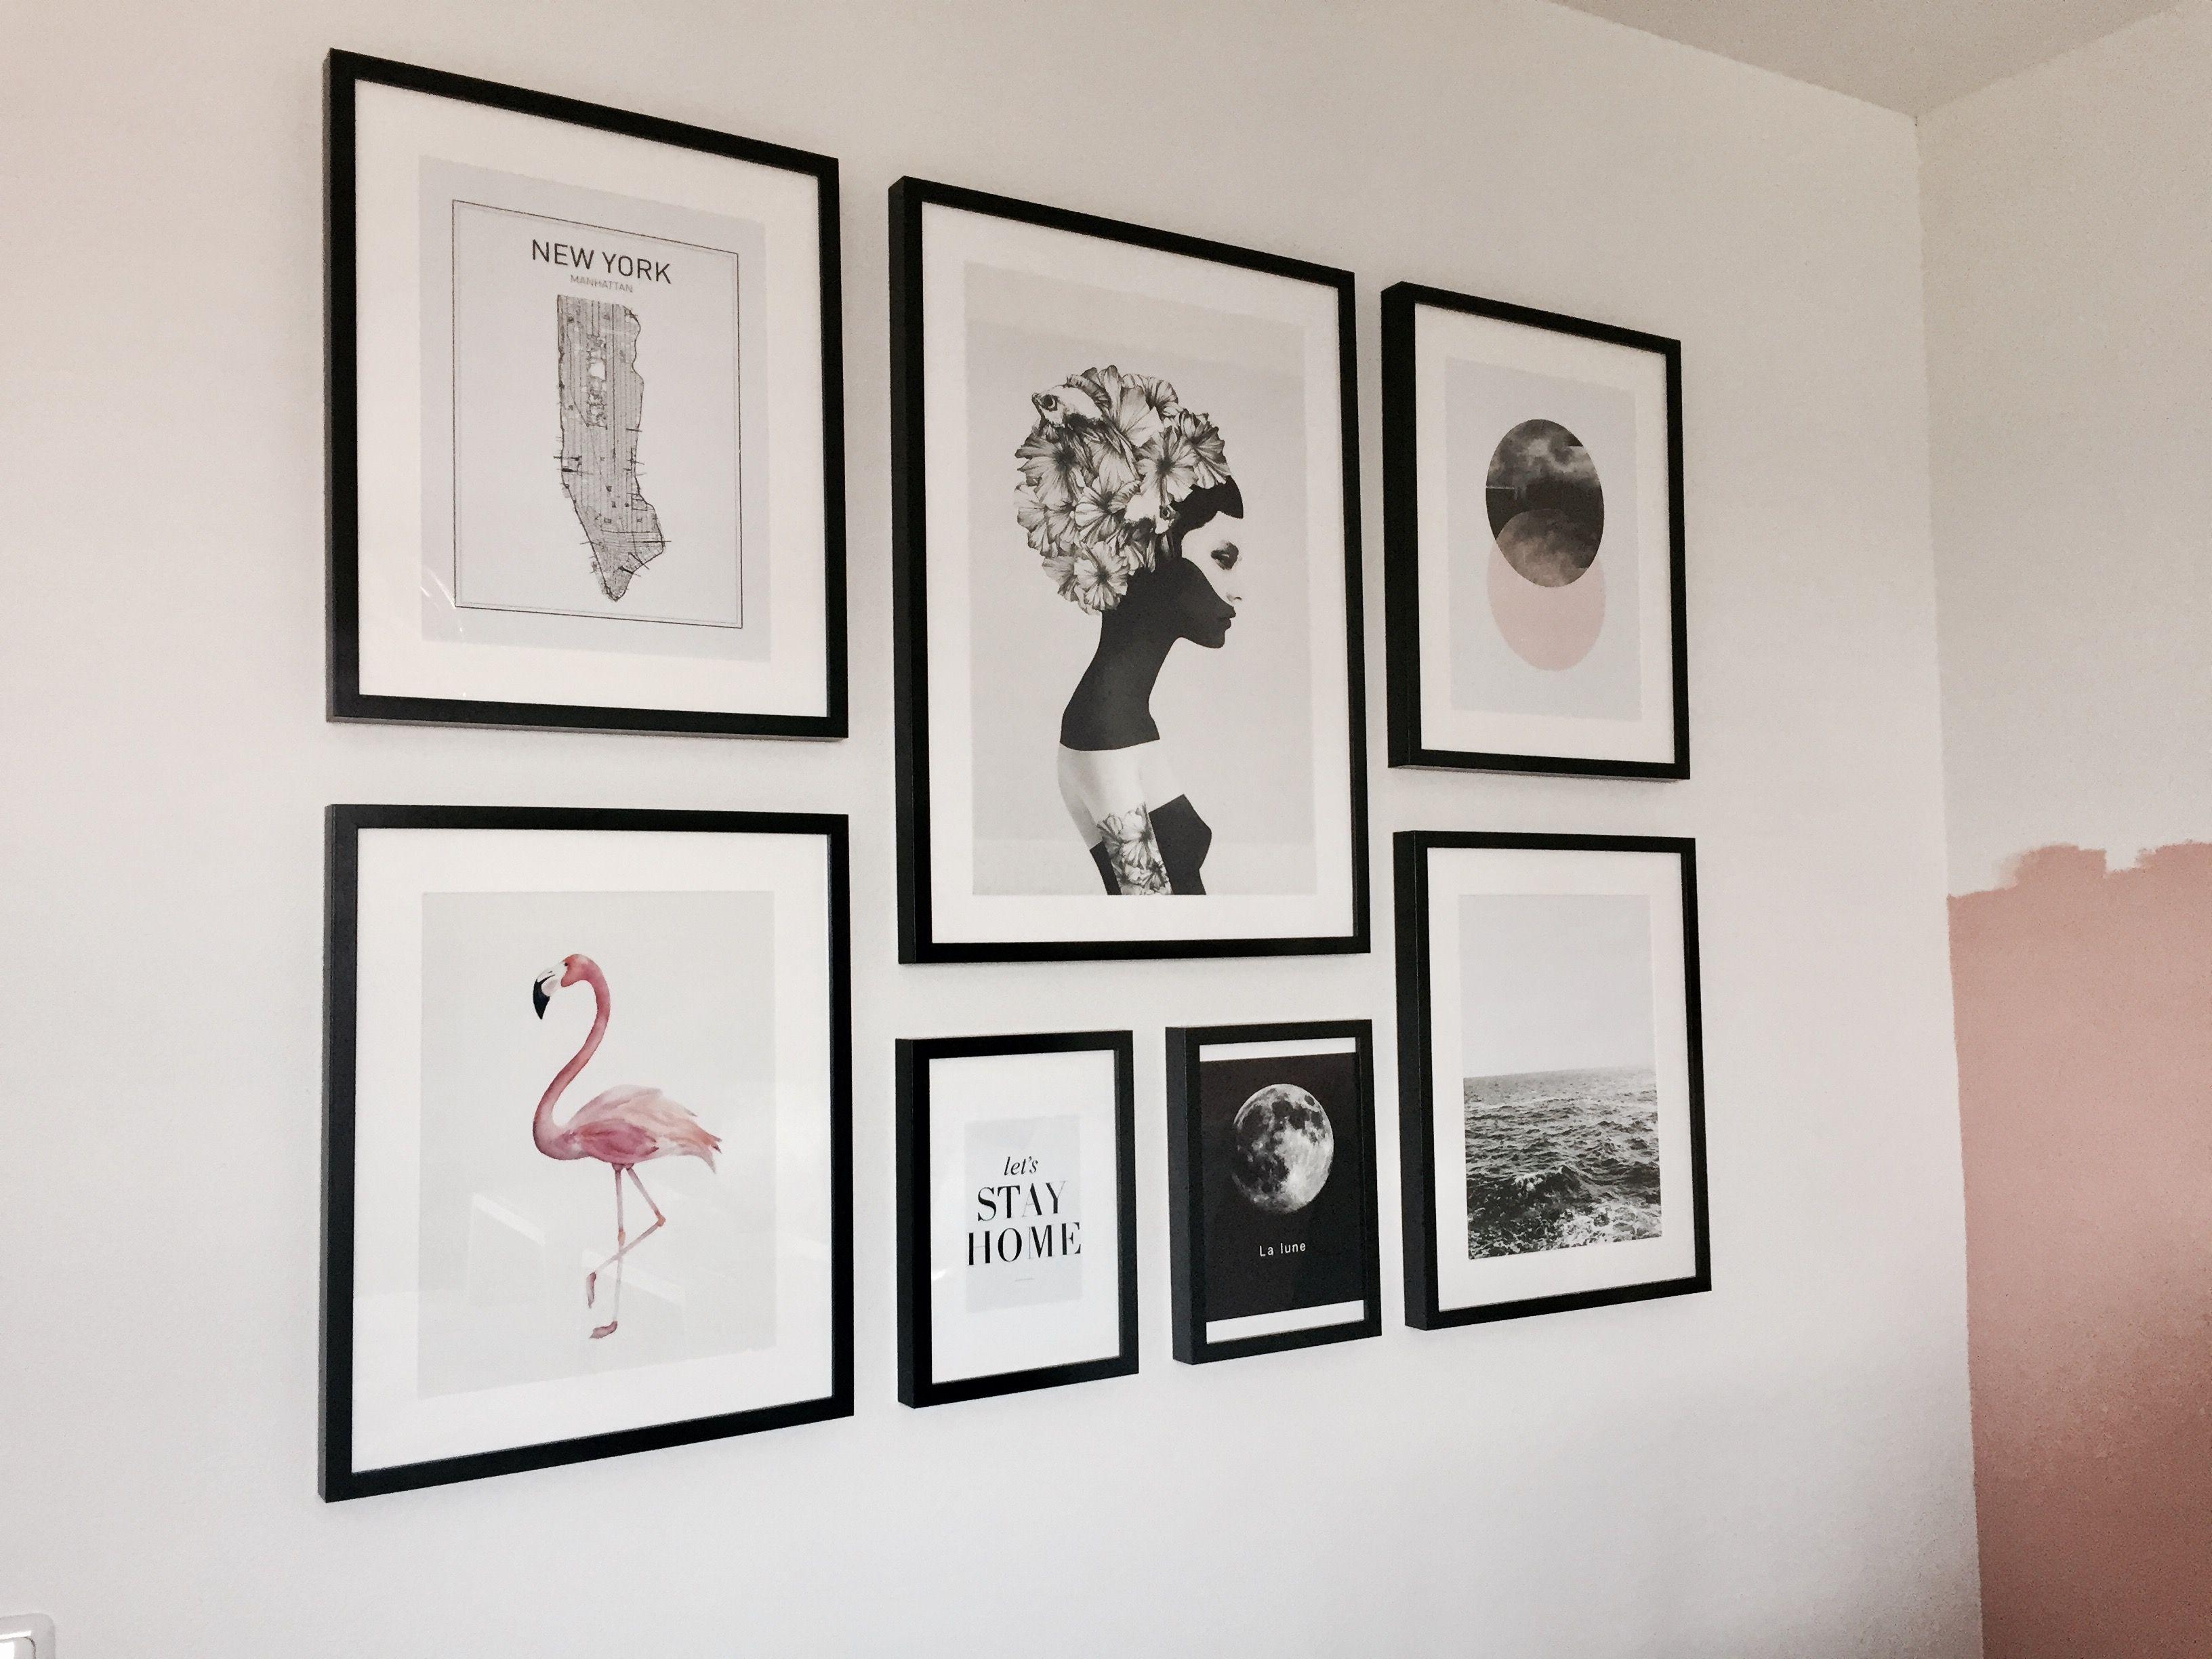 ikea ribba gallery wall layout # 2